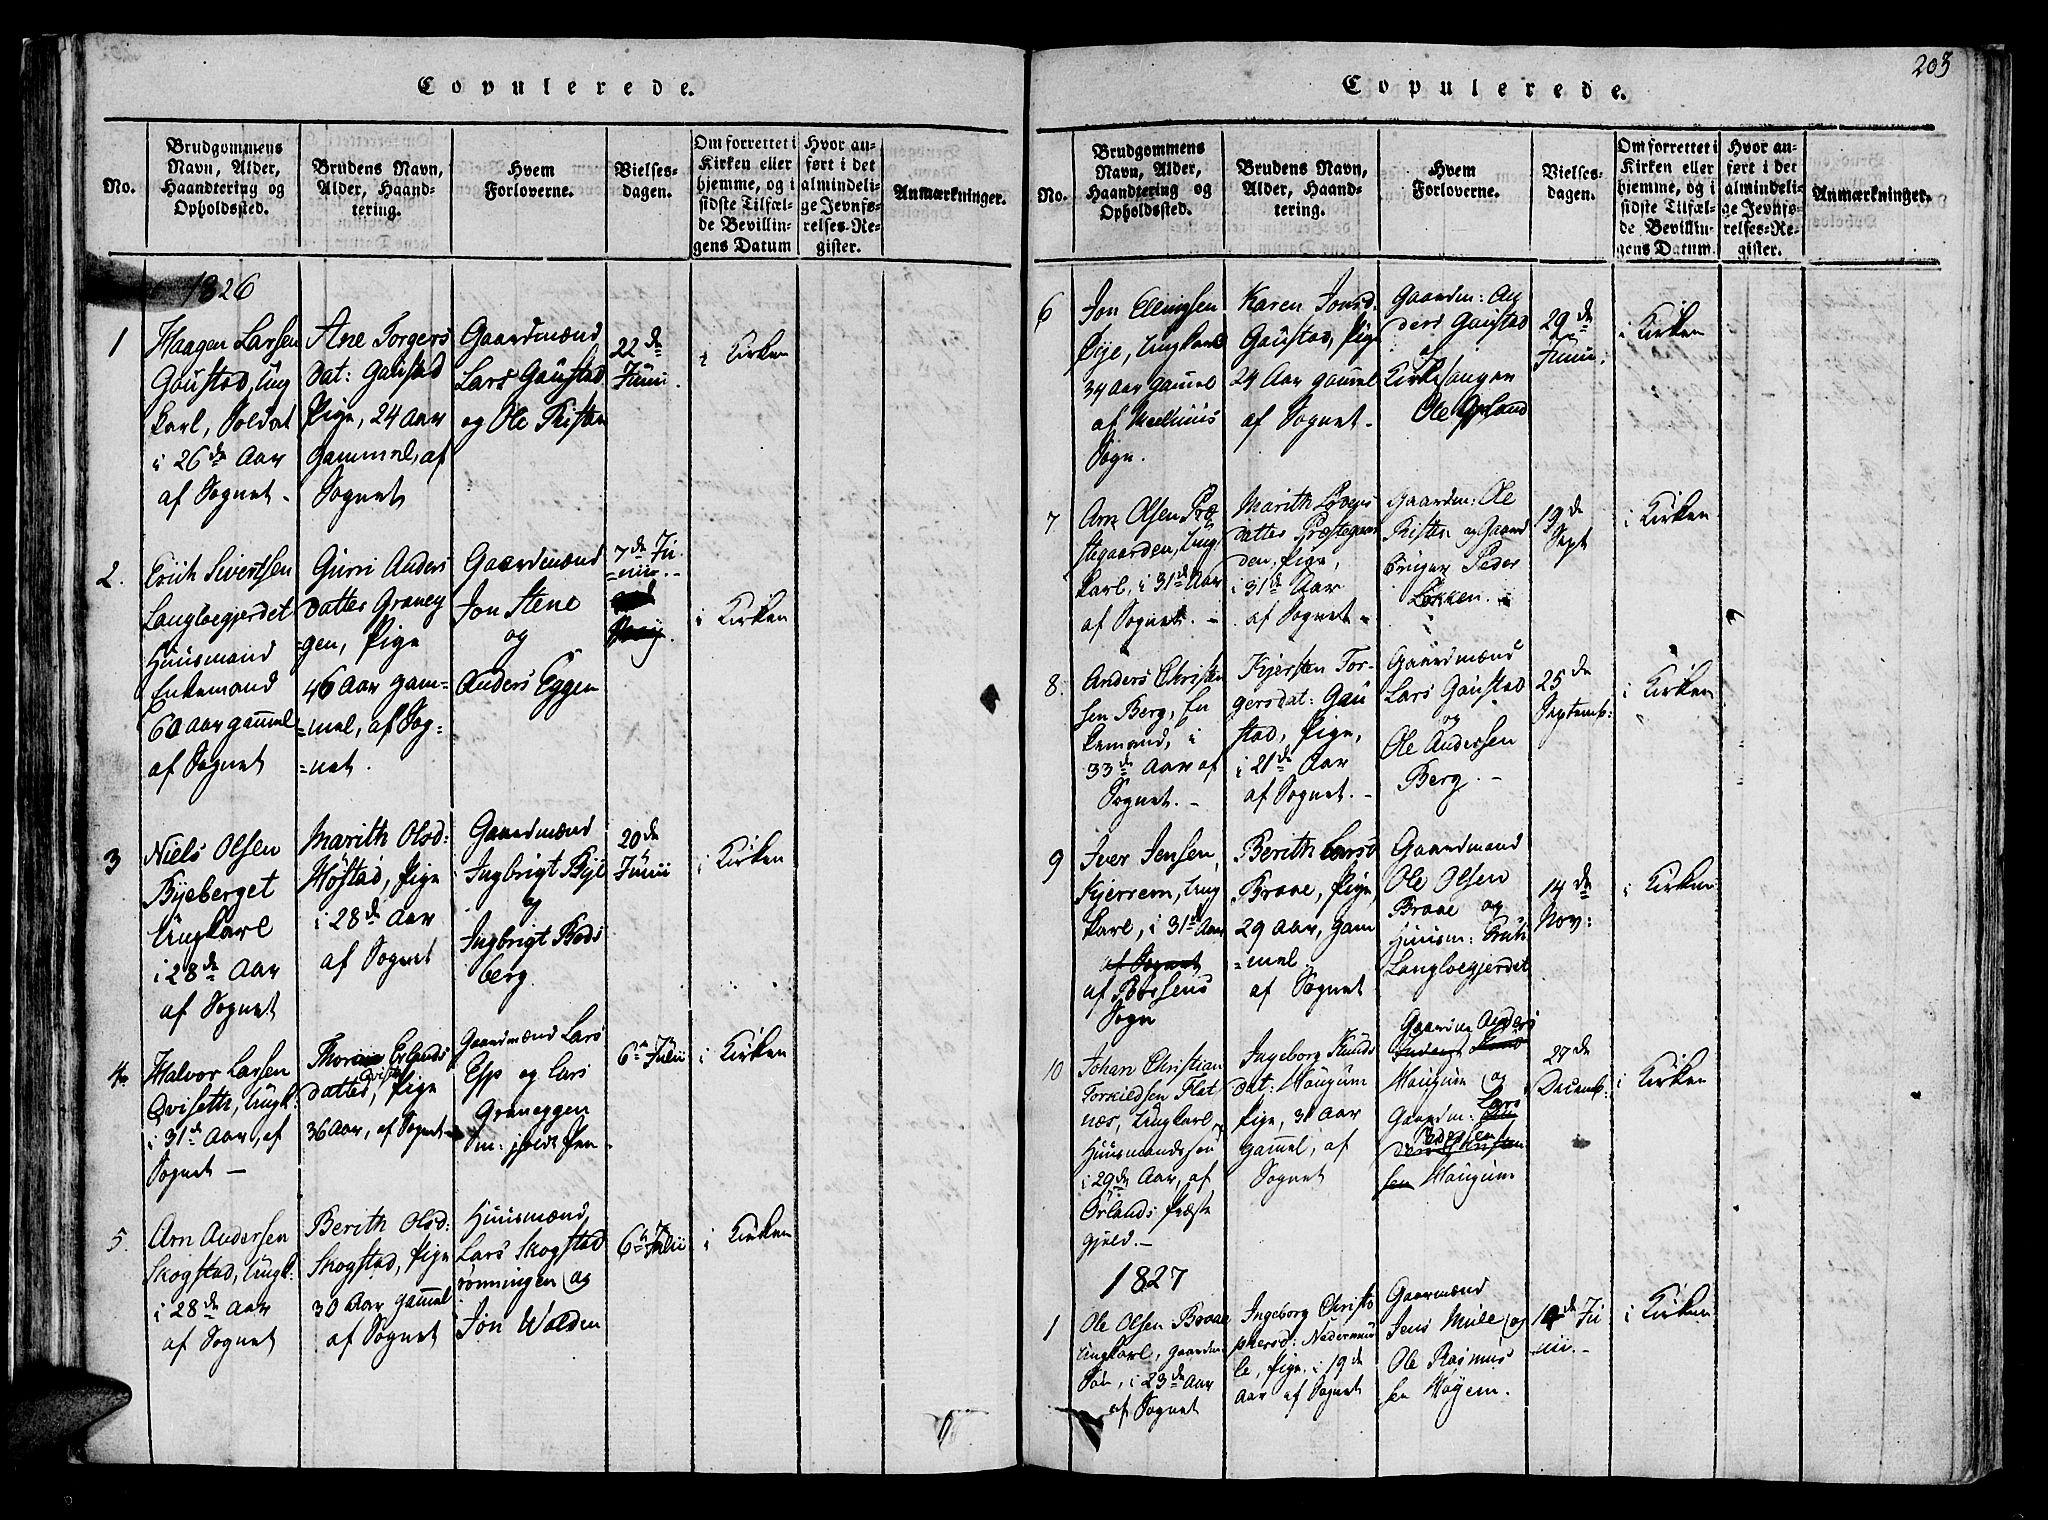 SAT, Ministerialprotokoller, klokkerbøker og fødselsregistre - Sør-Trøndelag, 612/L0372: Ministerialbok nr. 612A06 /1, 1816-1828, s. 203